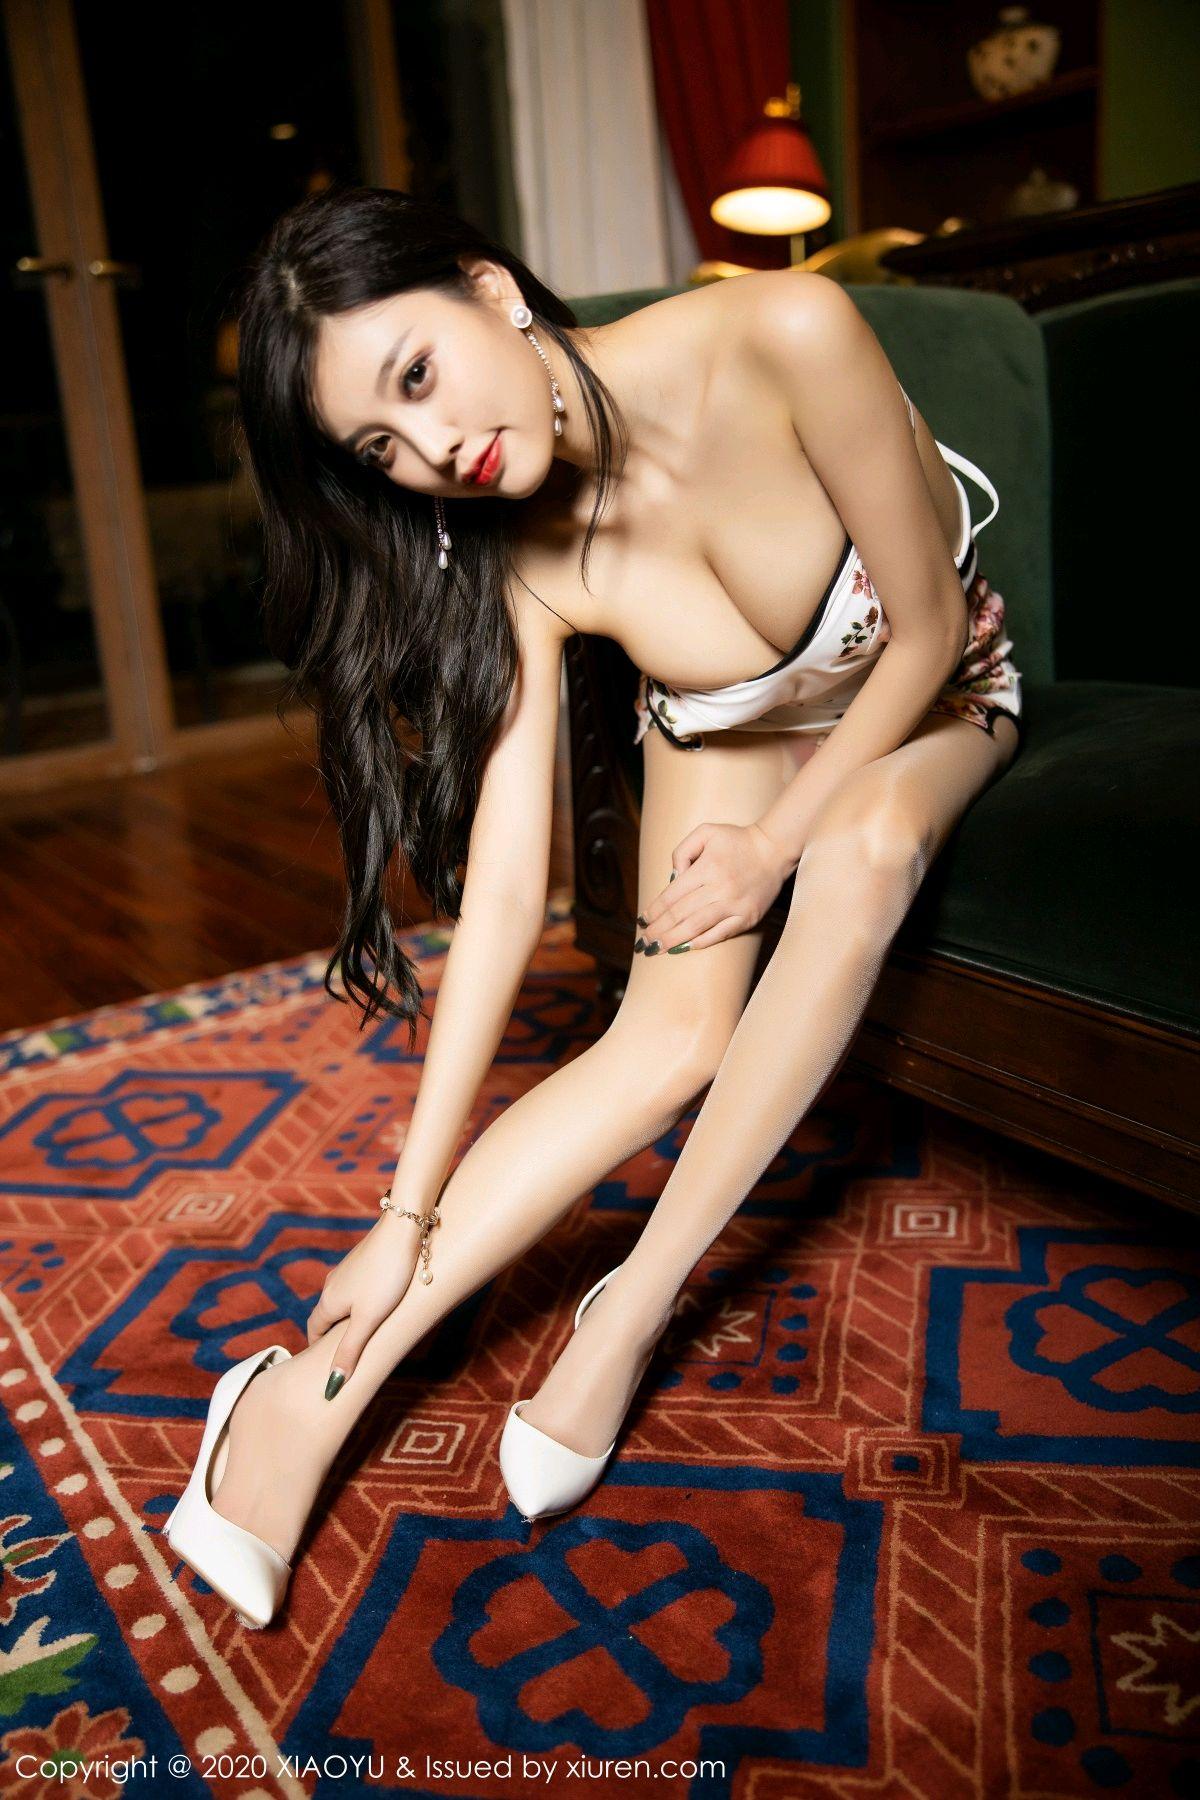 [XiaoYu] Vol.233 Yang Chen Chen 122P, Cheongsam, Foot, XiaoYu, Yang Chen Chen